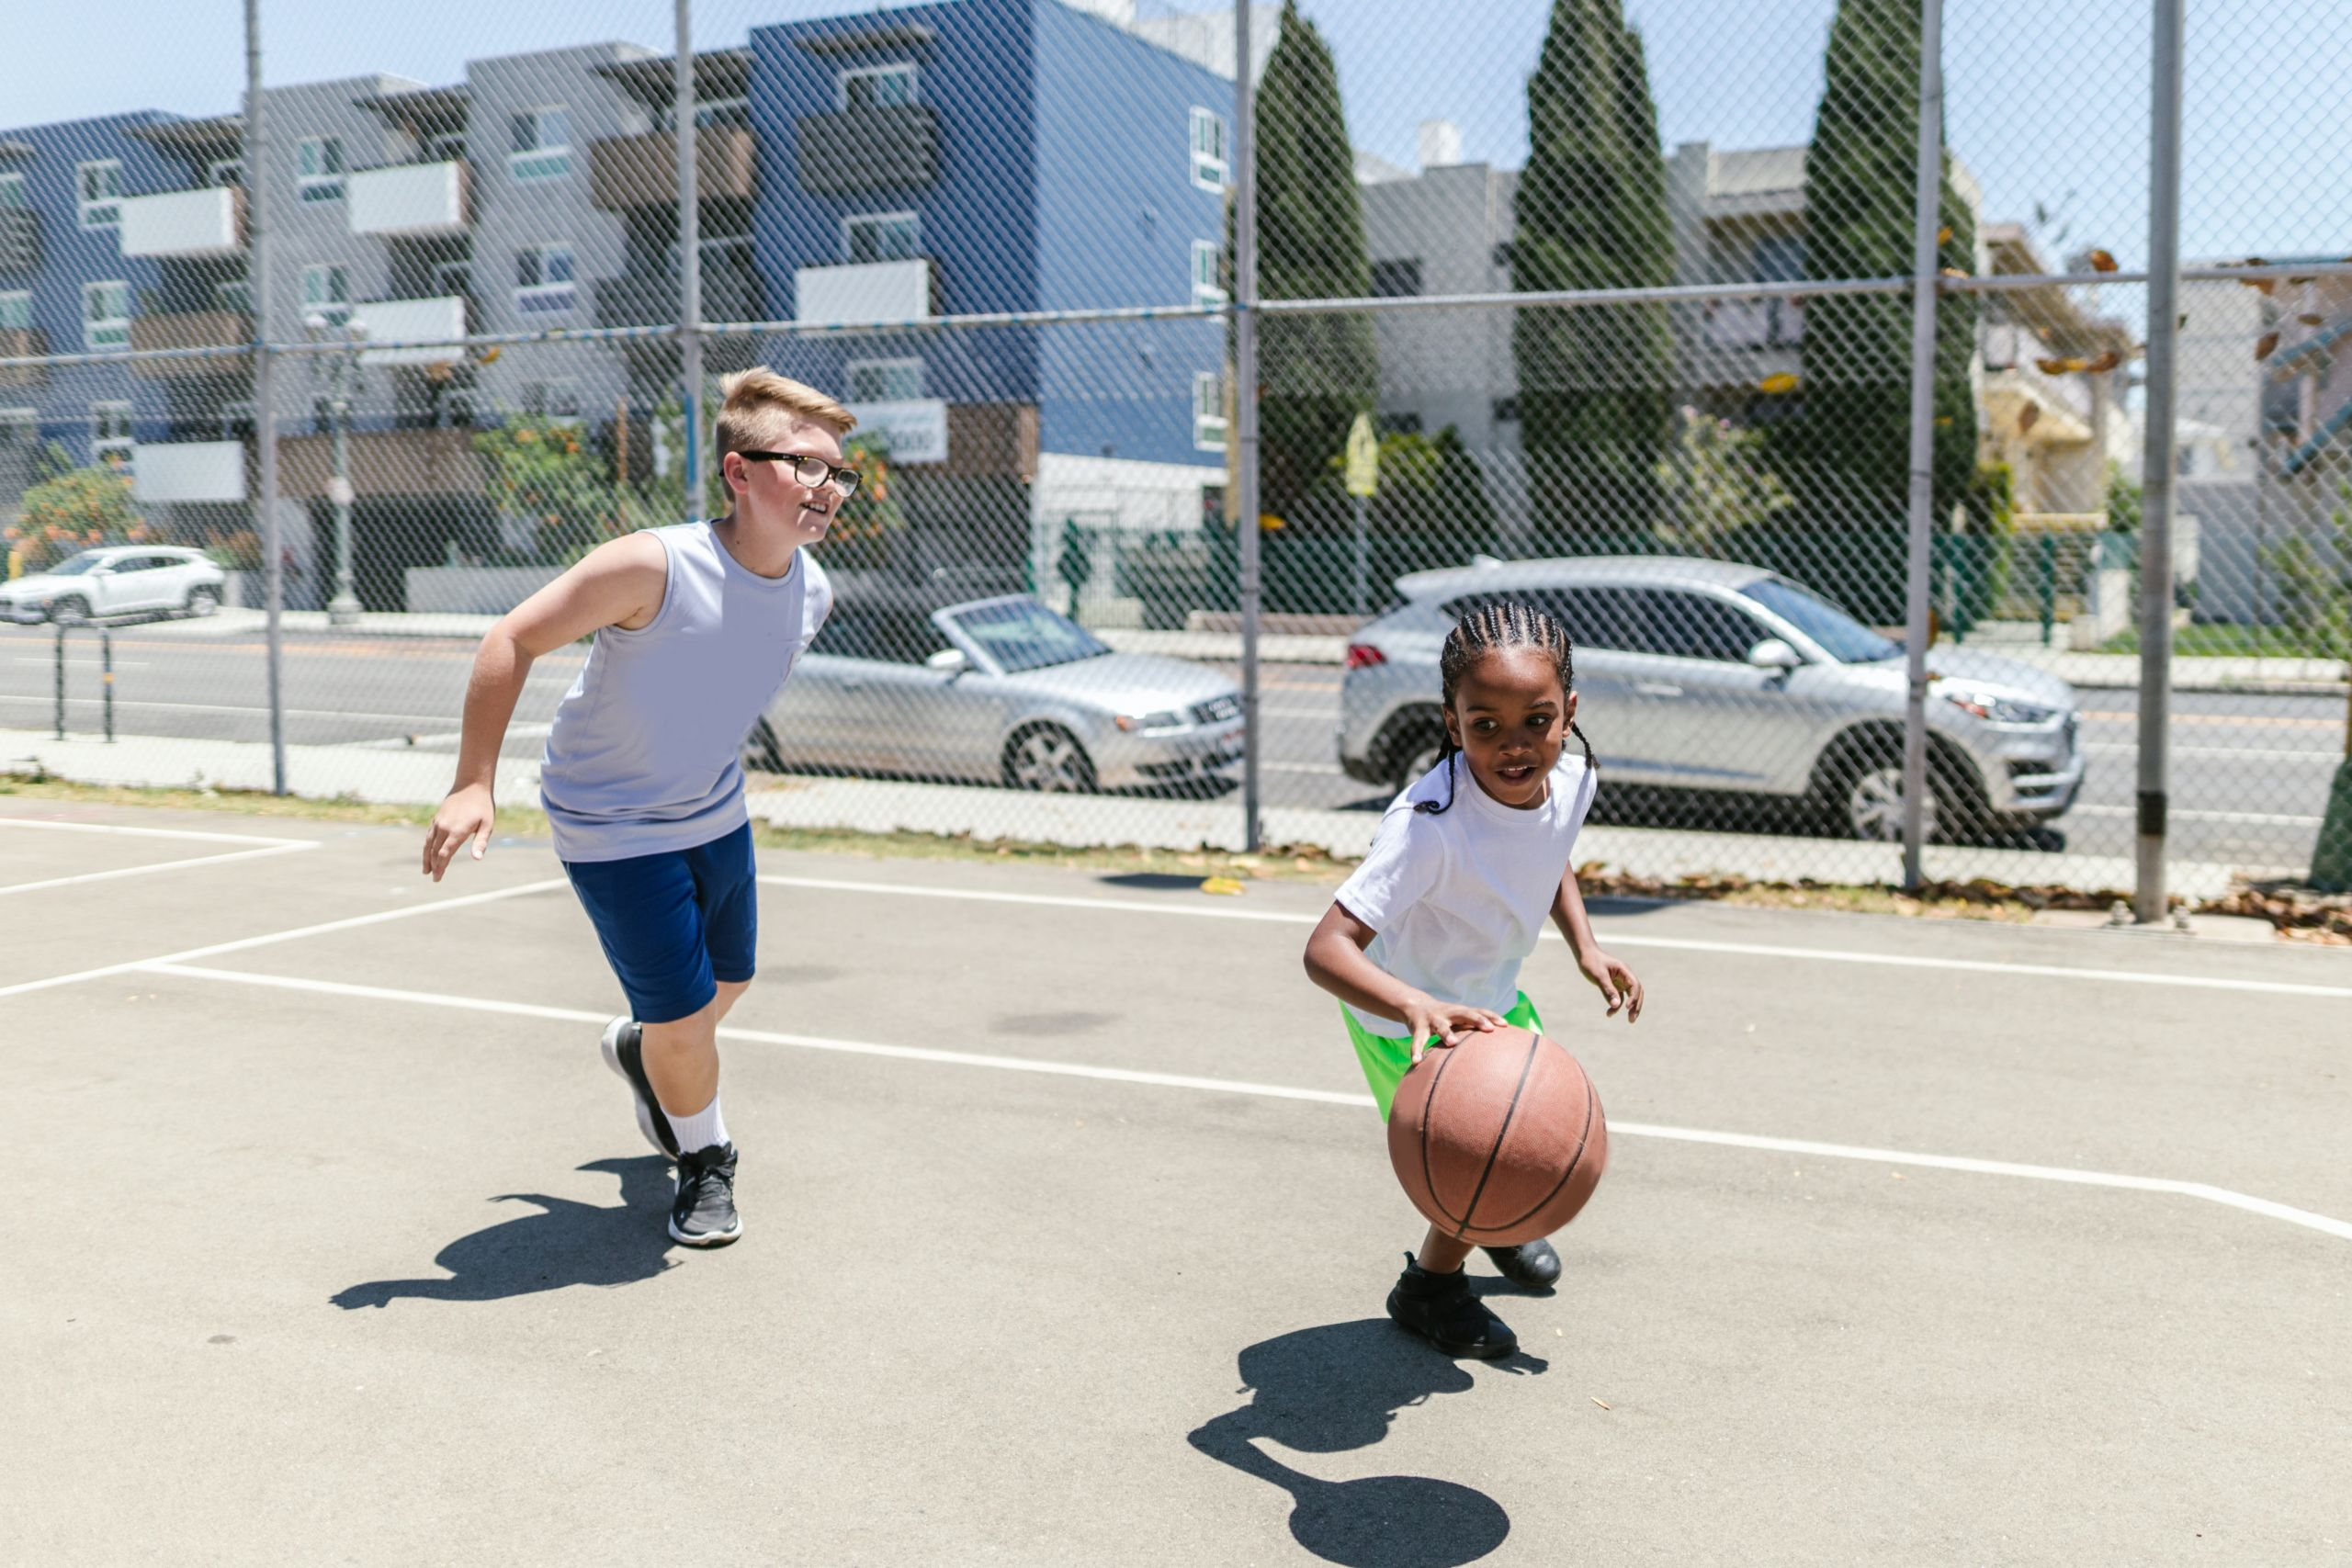 Adolescencia ejercicio y salud cerebral